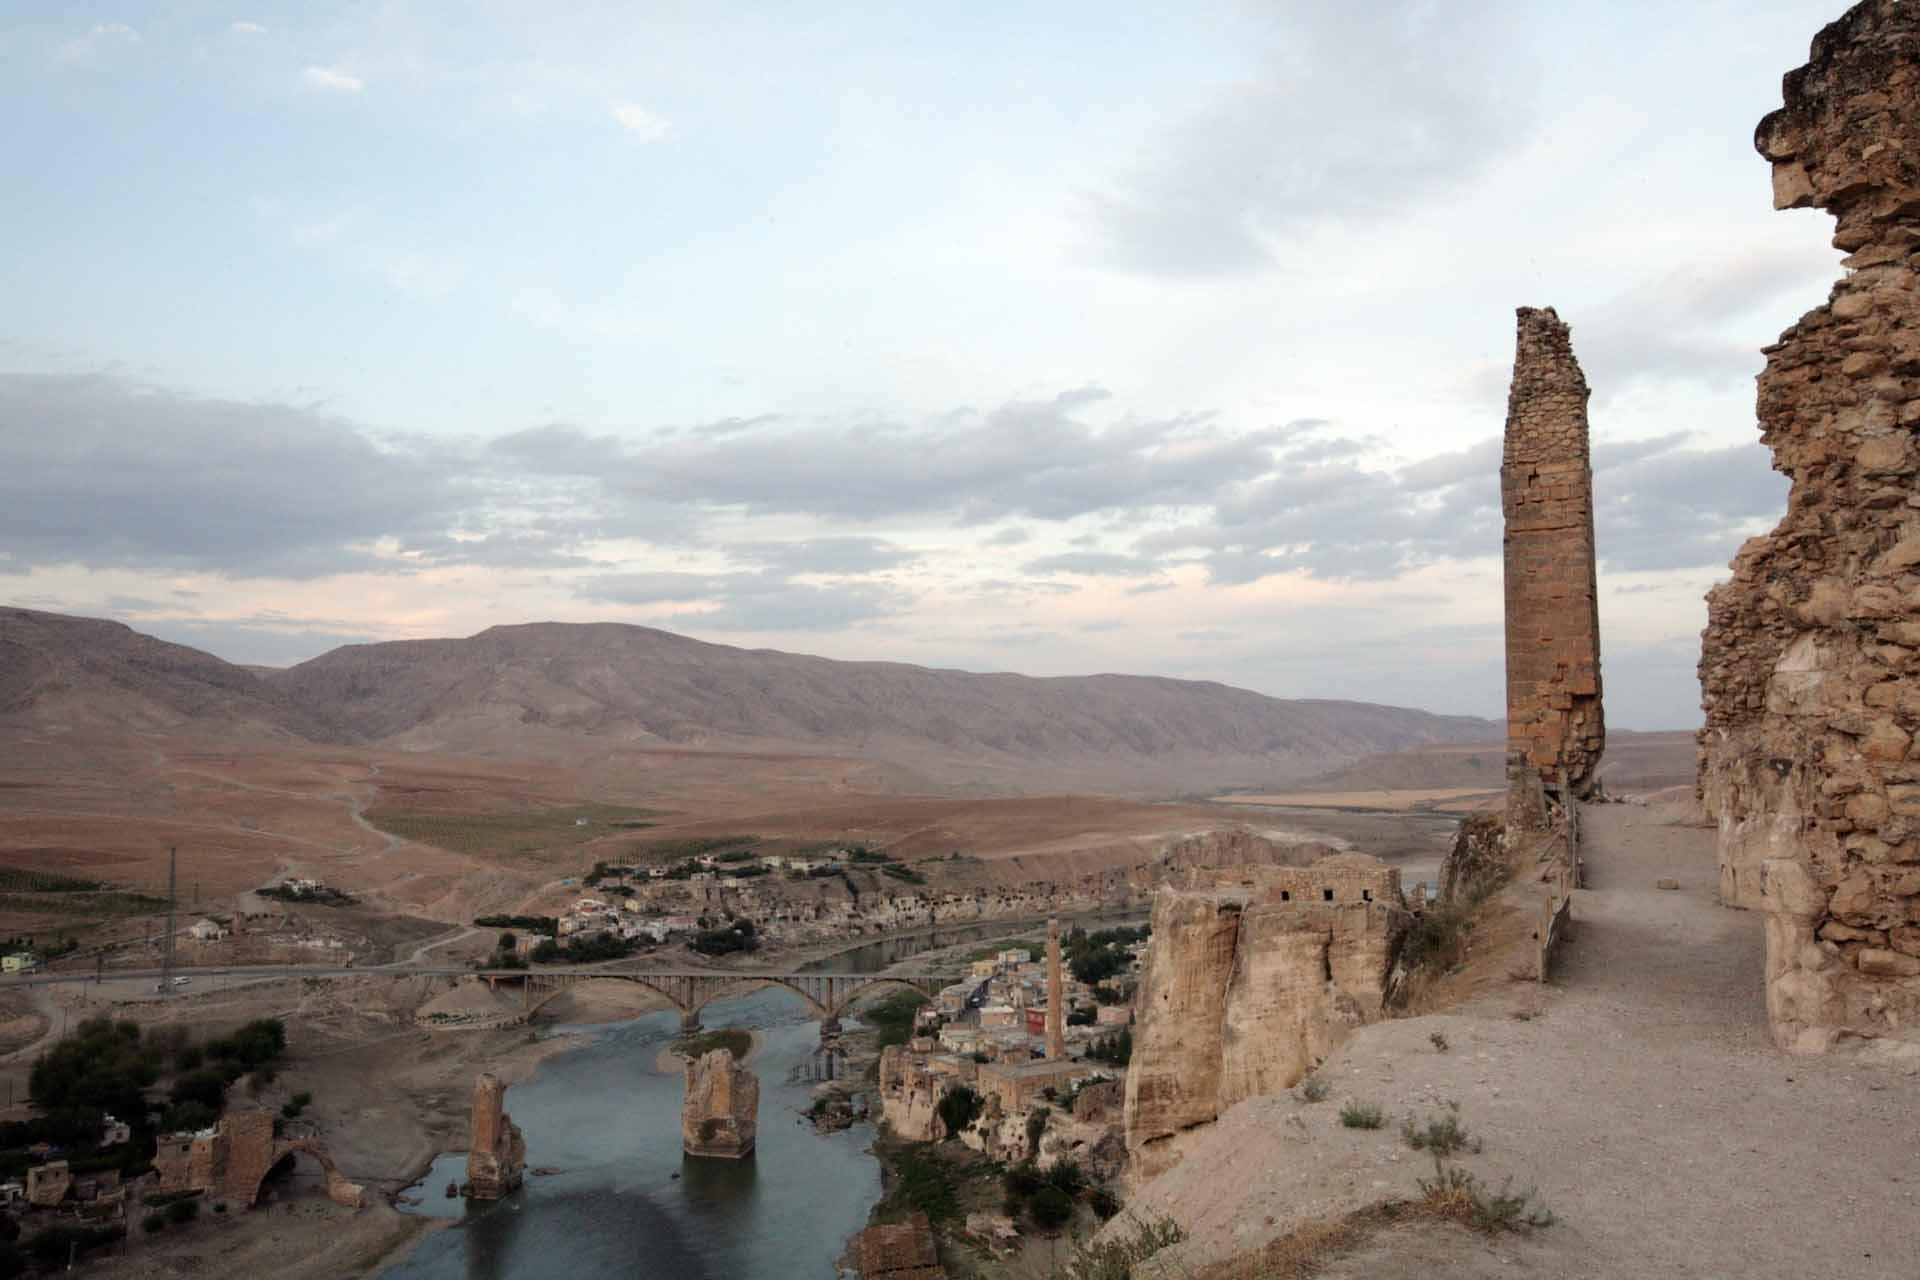 In Ilisu, rund 70 Kilometer von Hasankeyf entfernt, wird ein gigantischer Damm aus Landmasse erricht – ein Stöpsel, der das Tal des Tigris auf einer Fläche von 313 Quadratkilometern, wie eine riesige Badewanne volllaufen lassen wird.